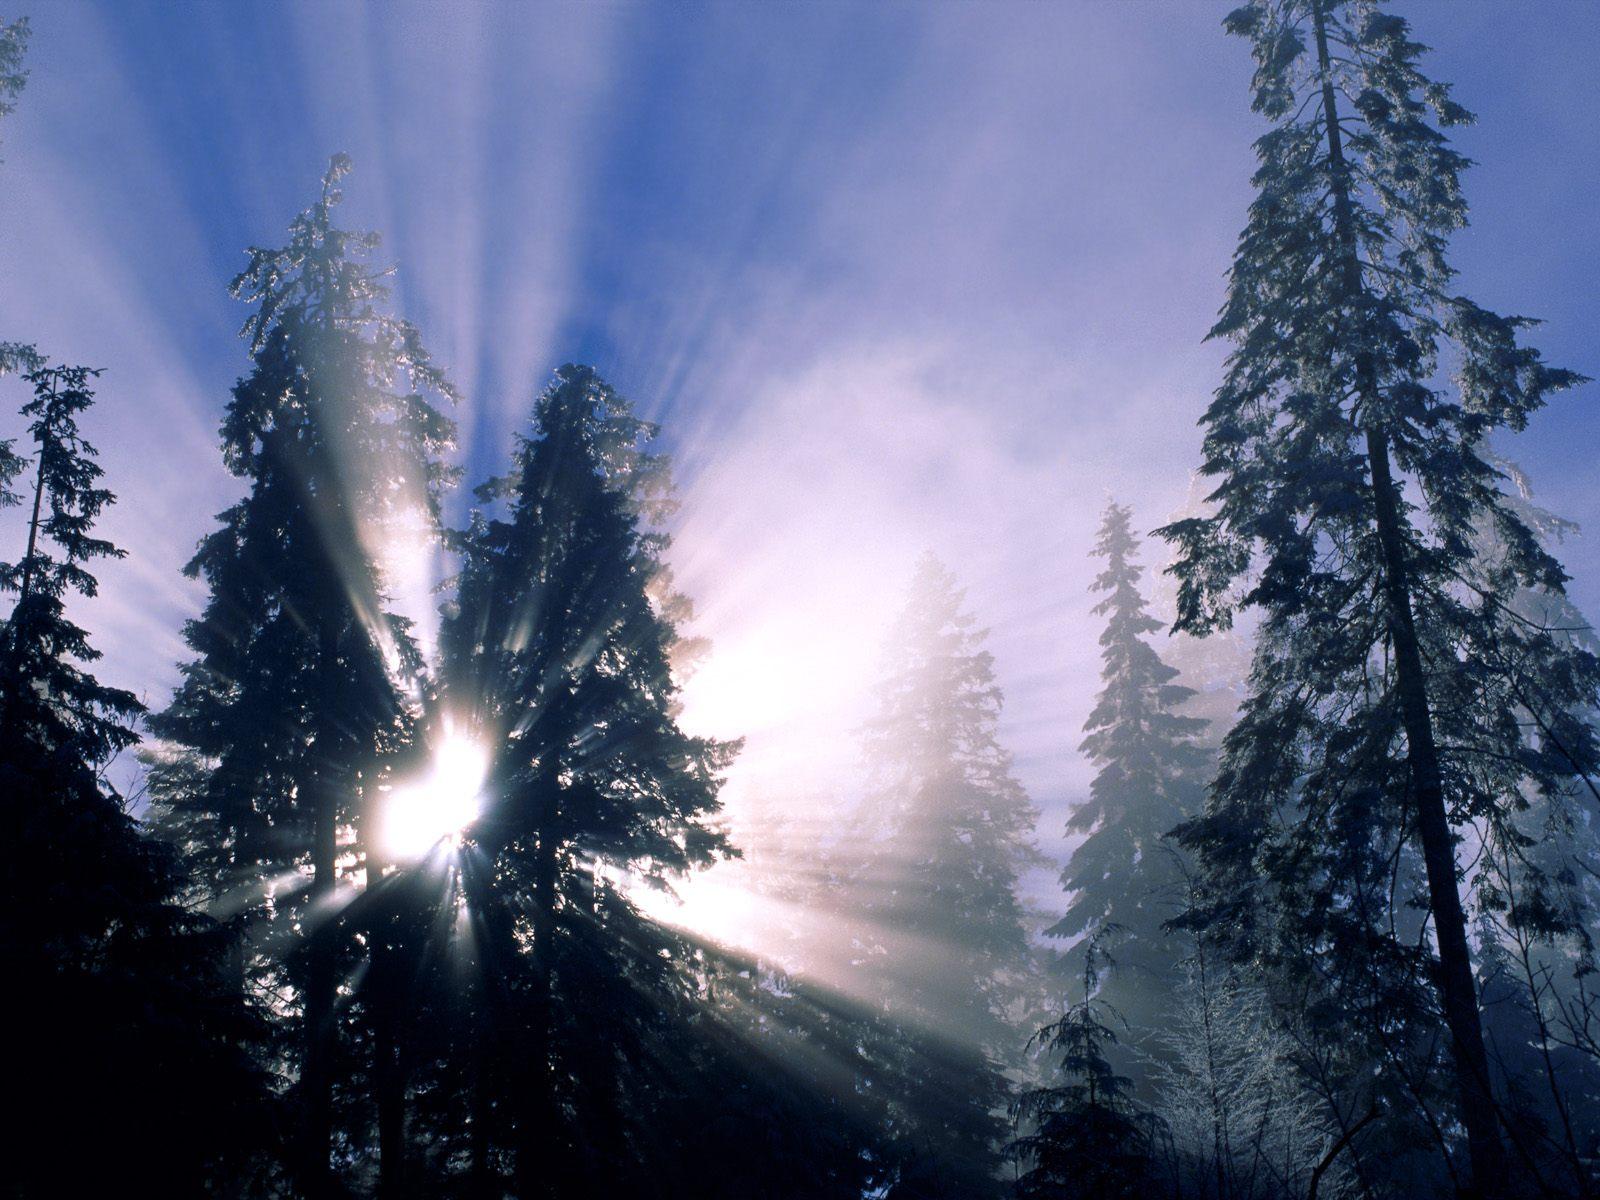 http://2.bp.blogspot.com/-QmK-1enekOY/UJT9C7iD6fI/AAAAAAAA2aQ/LPb--fI8KQ4/s1600/Winter+20.jpg